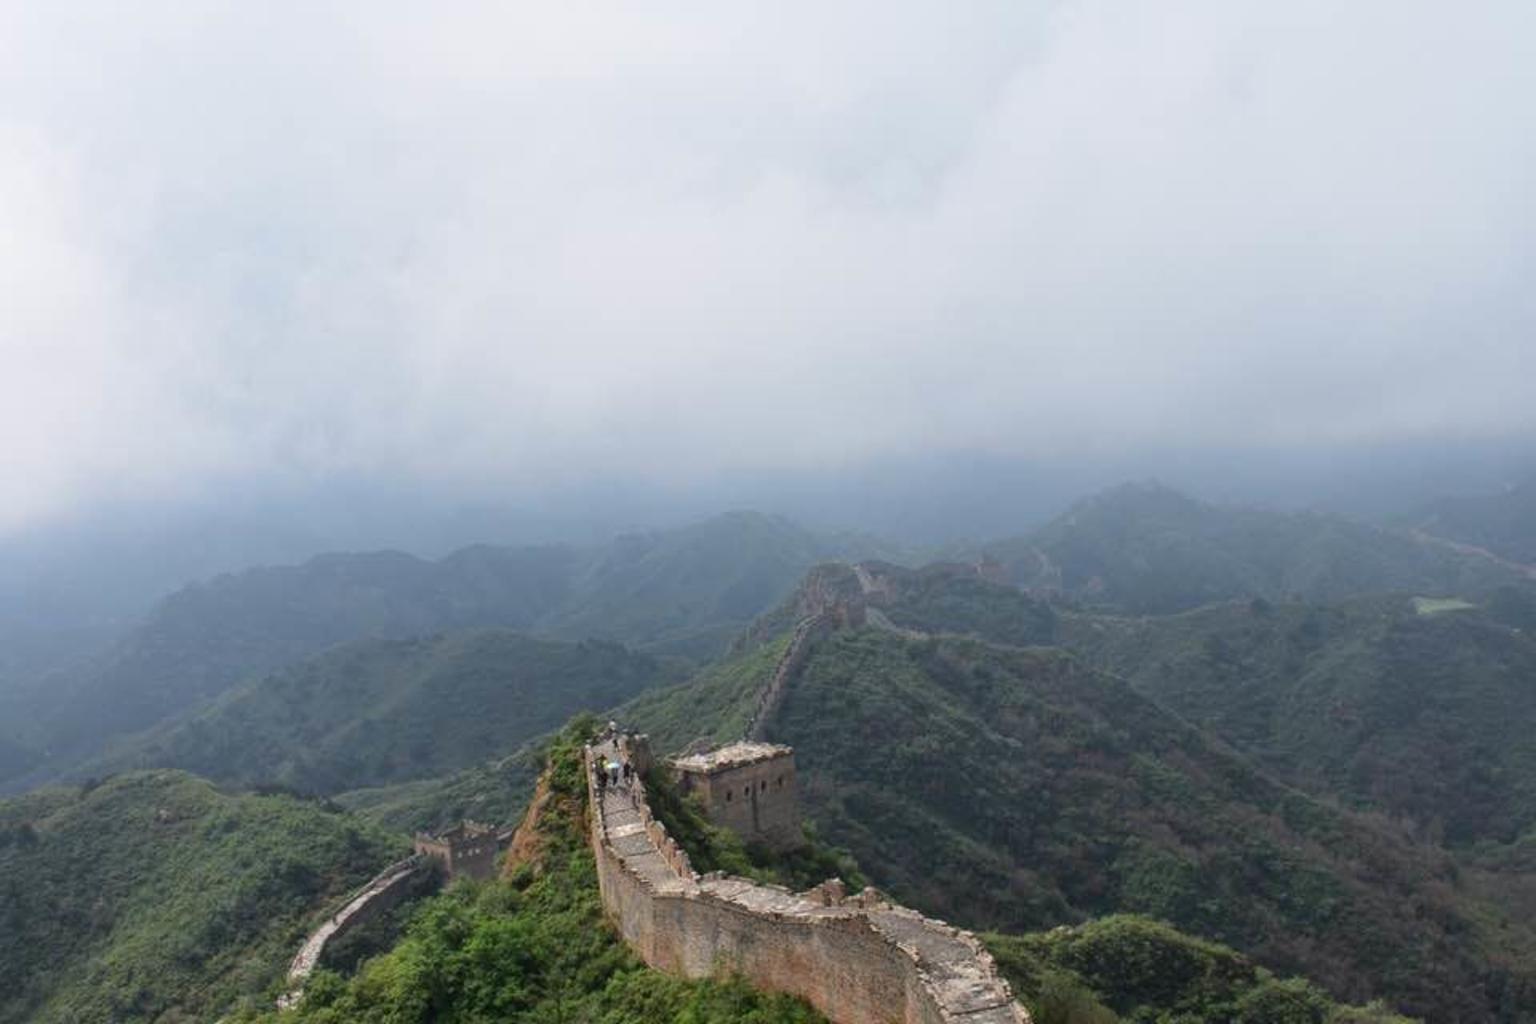 MÁS FOTOS, Recorrido de senderismo en grupo por la Gran Muralla desde Jinshanling a Simatai oeste